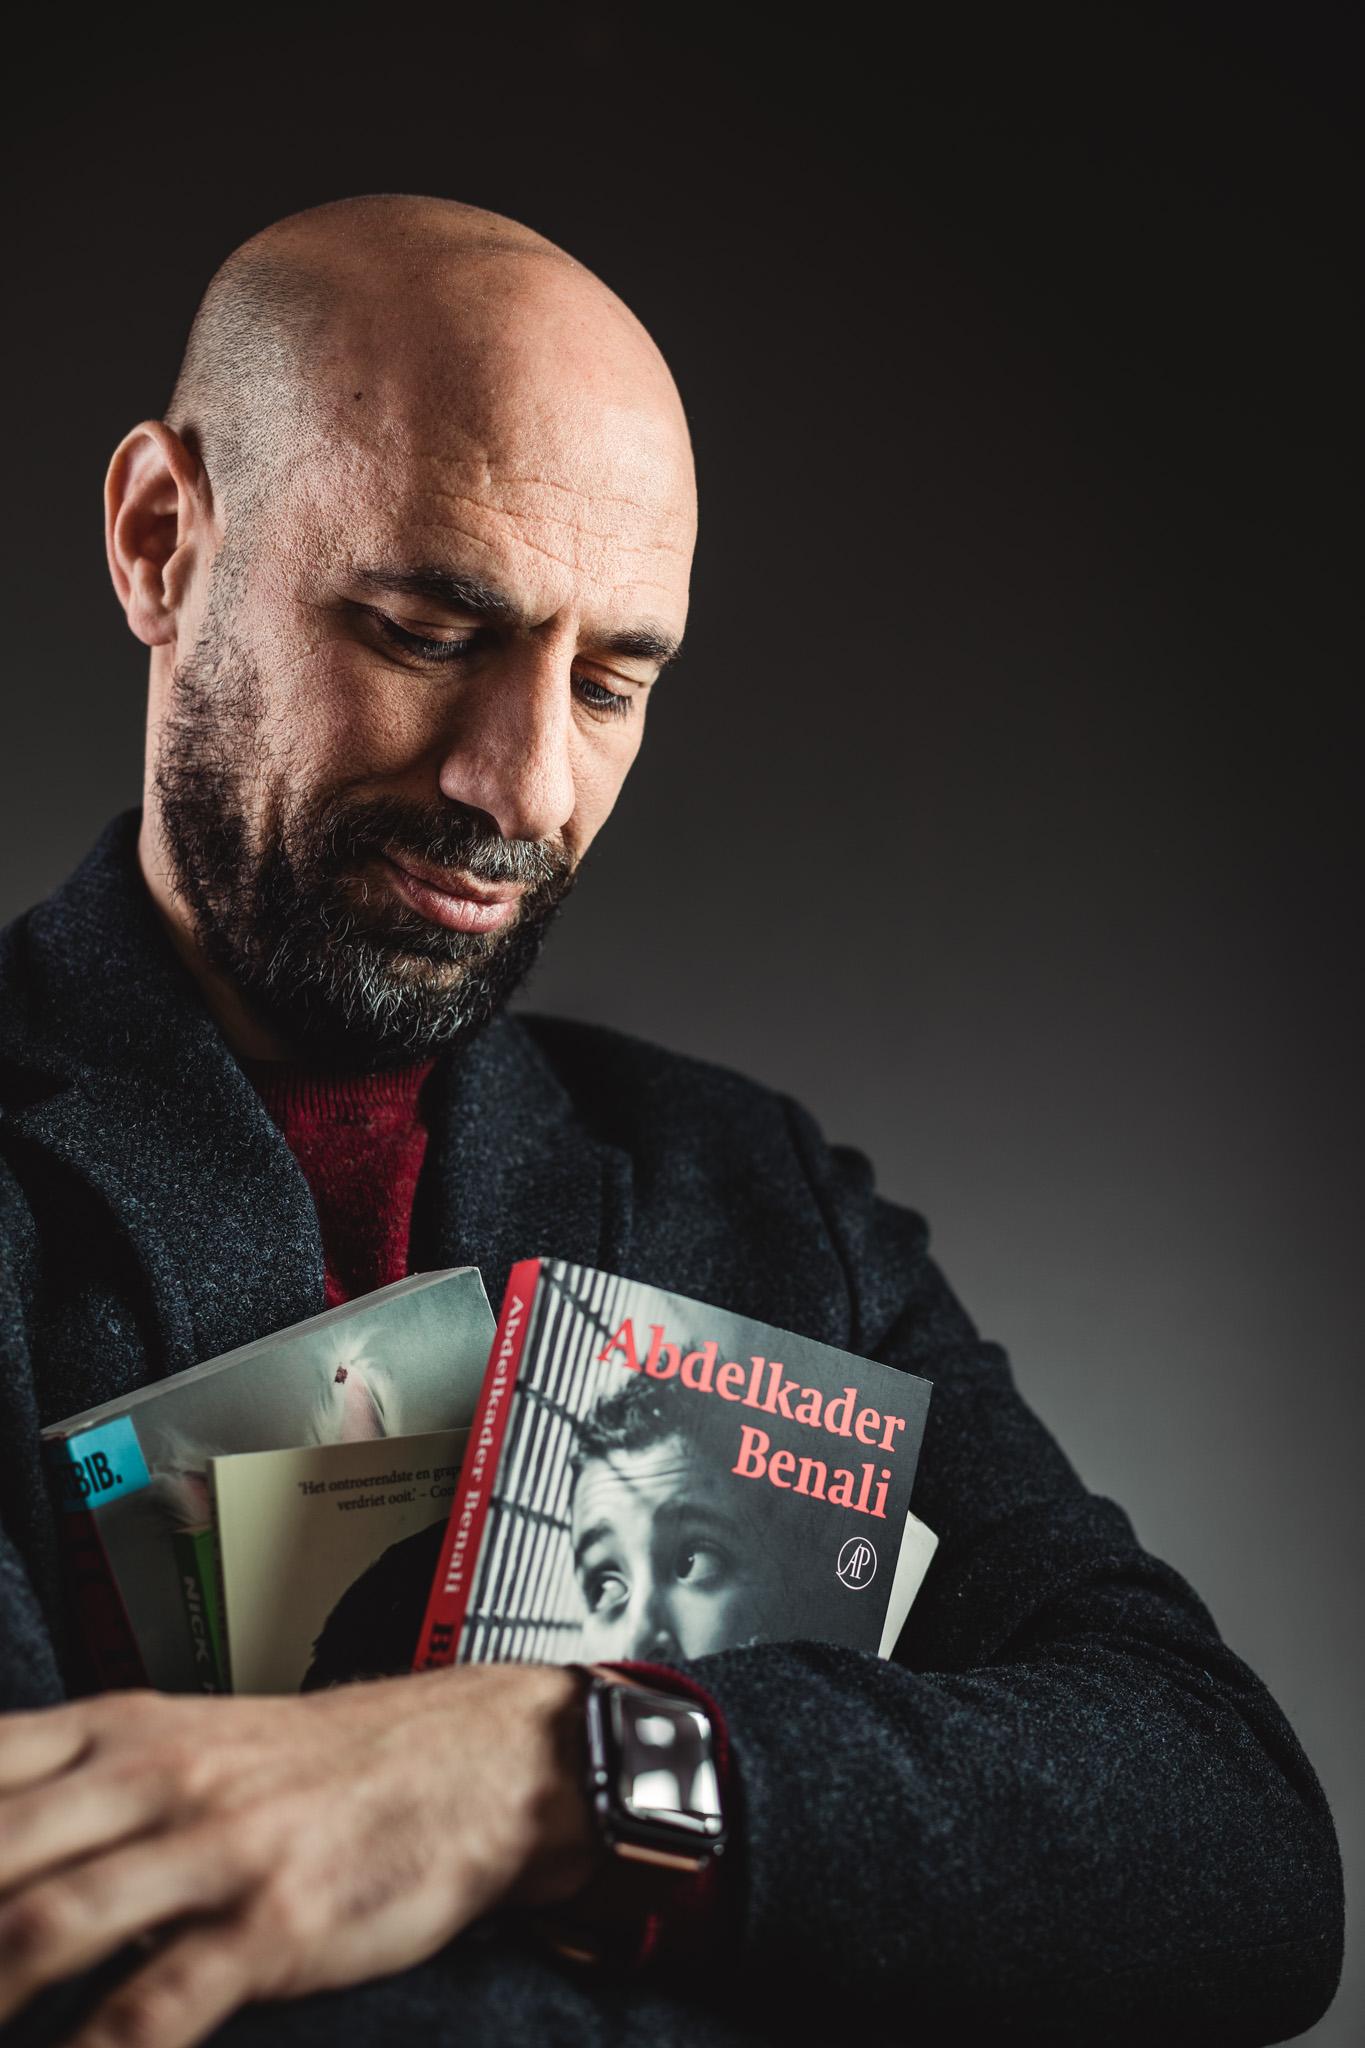 Portret van auteur Abdelkader Benali. Hij kijkt naar enkele van zijn geschreven boeken die hij in zijn armen houdt.